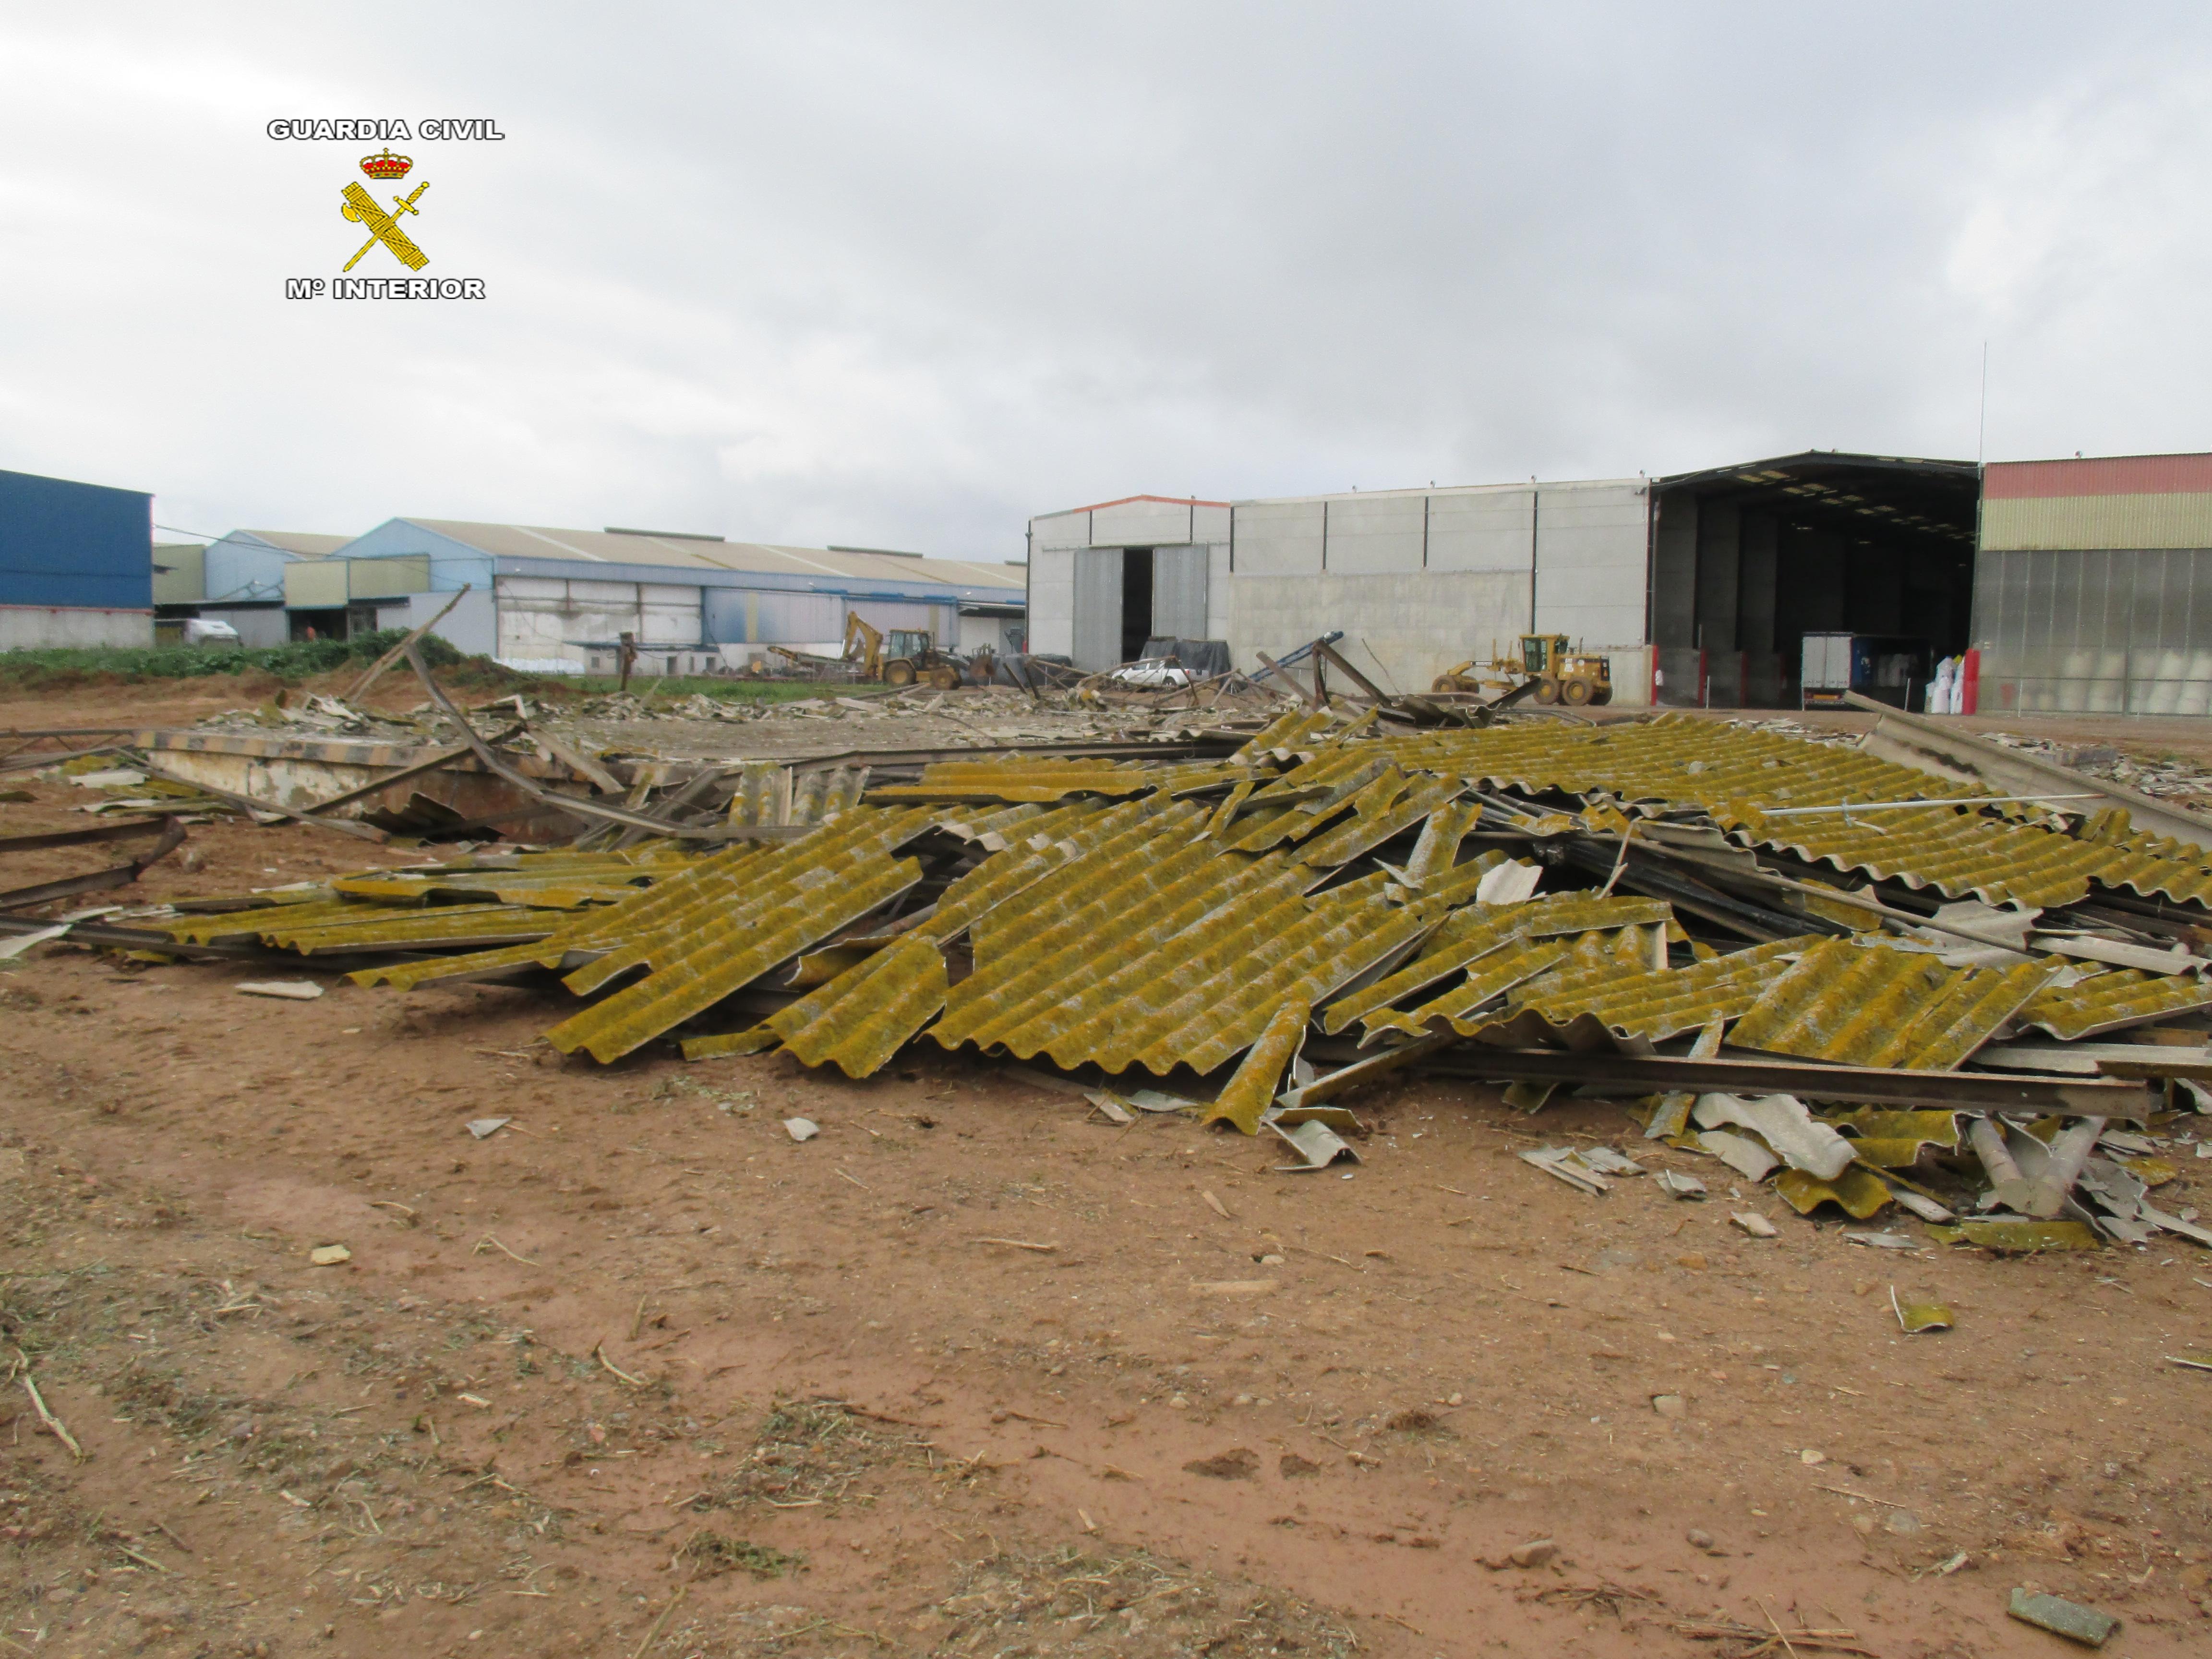 La Guardia Civil paraliza la demolición ilegal de una nave de fibrocemento en La Isla